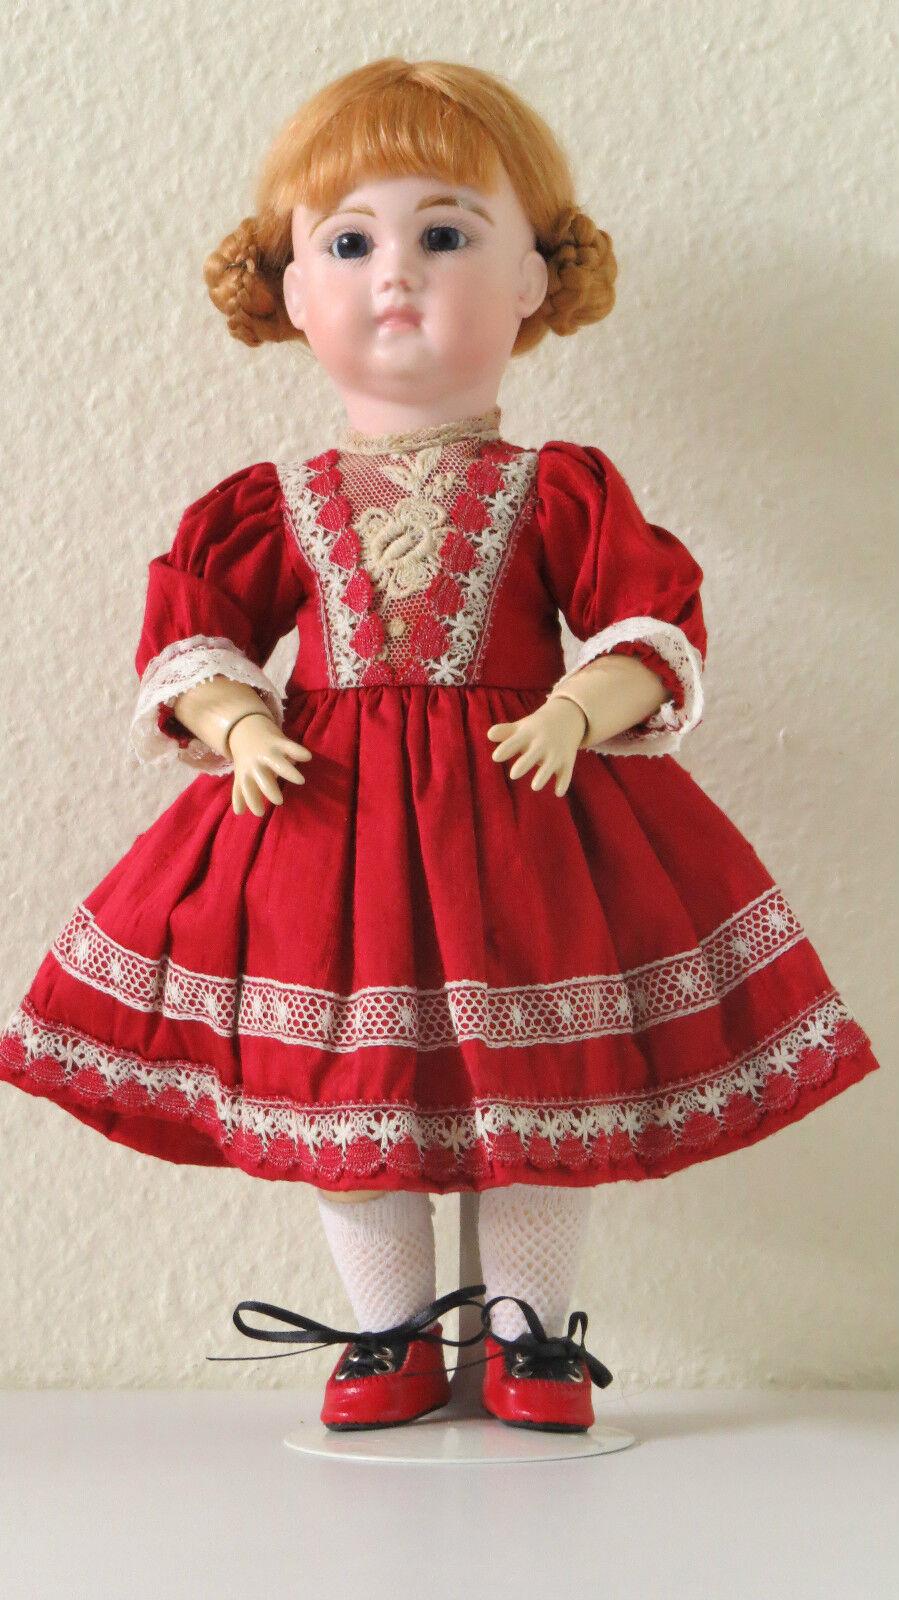 SCHMITT  29 cm   11,6 Inc    Ref  A   Poupée Ancienne Reproduction Antique doll